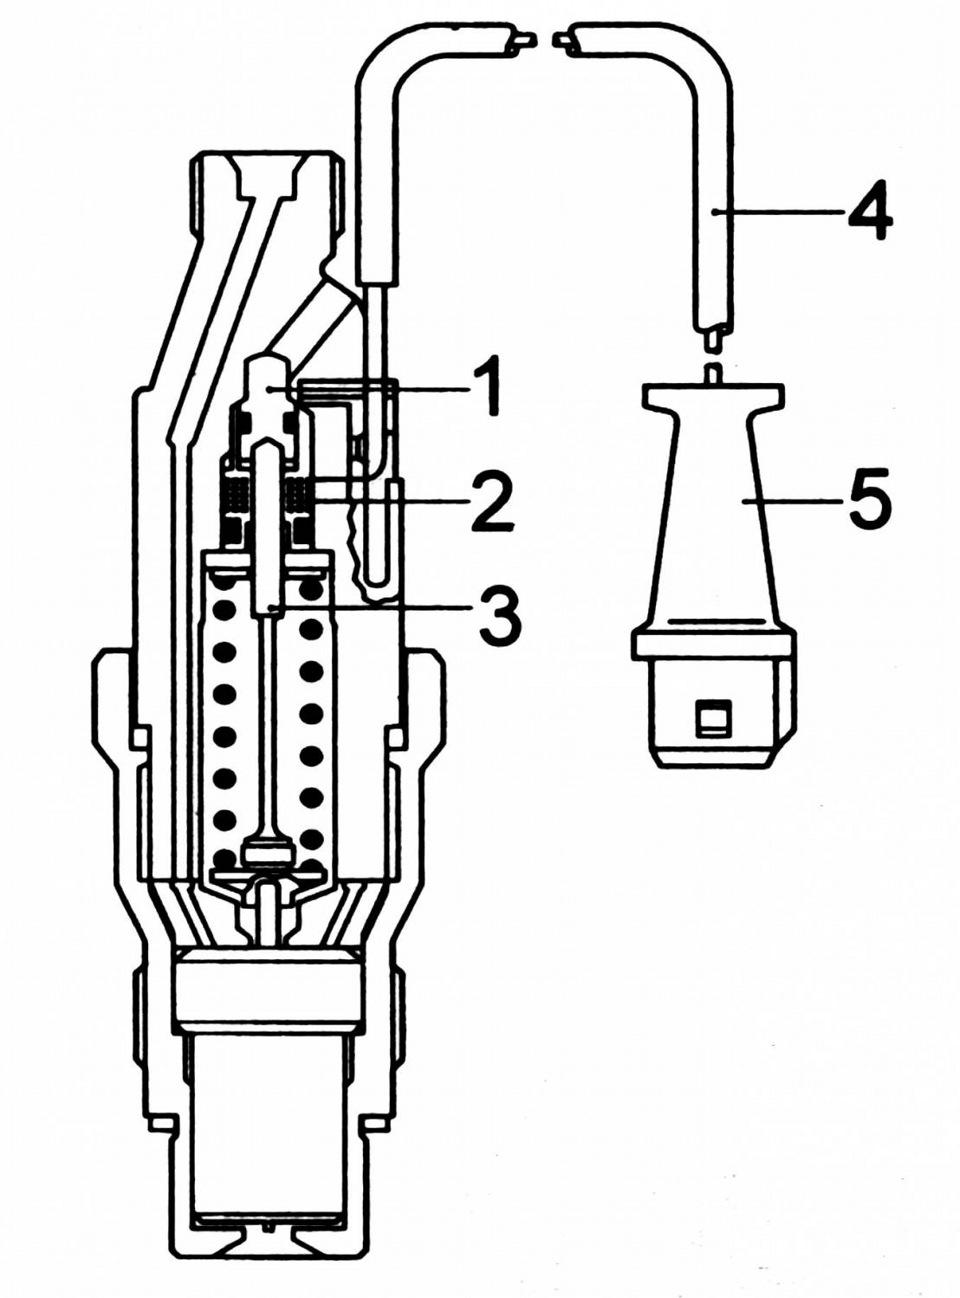 Рис.5.Схема форсунки с датчиками подъема иглы: 1 - регулировочный винт; 2 - катушка возбуждения; 3 - шток; 4 - провод...